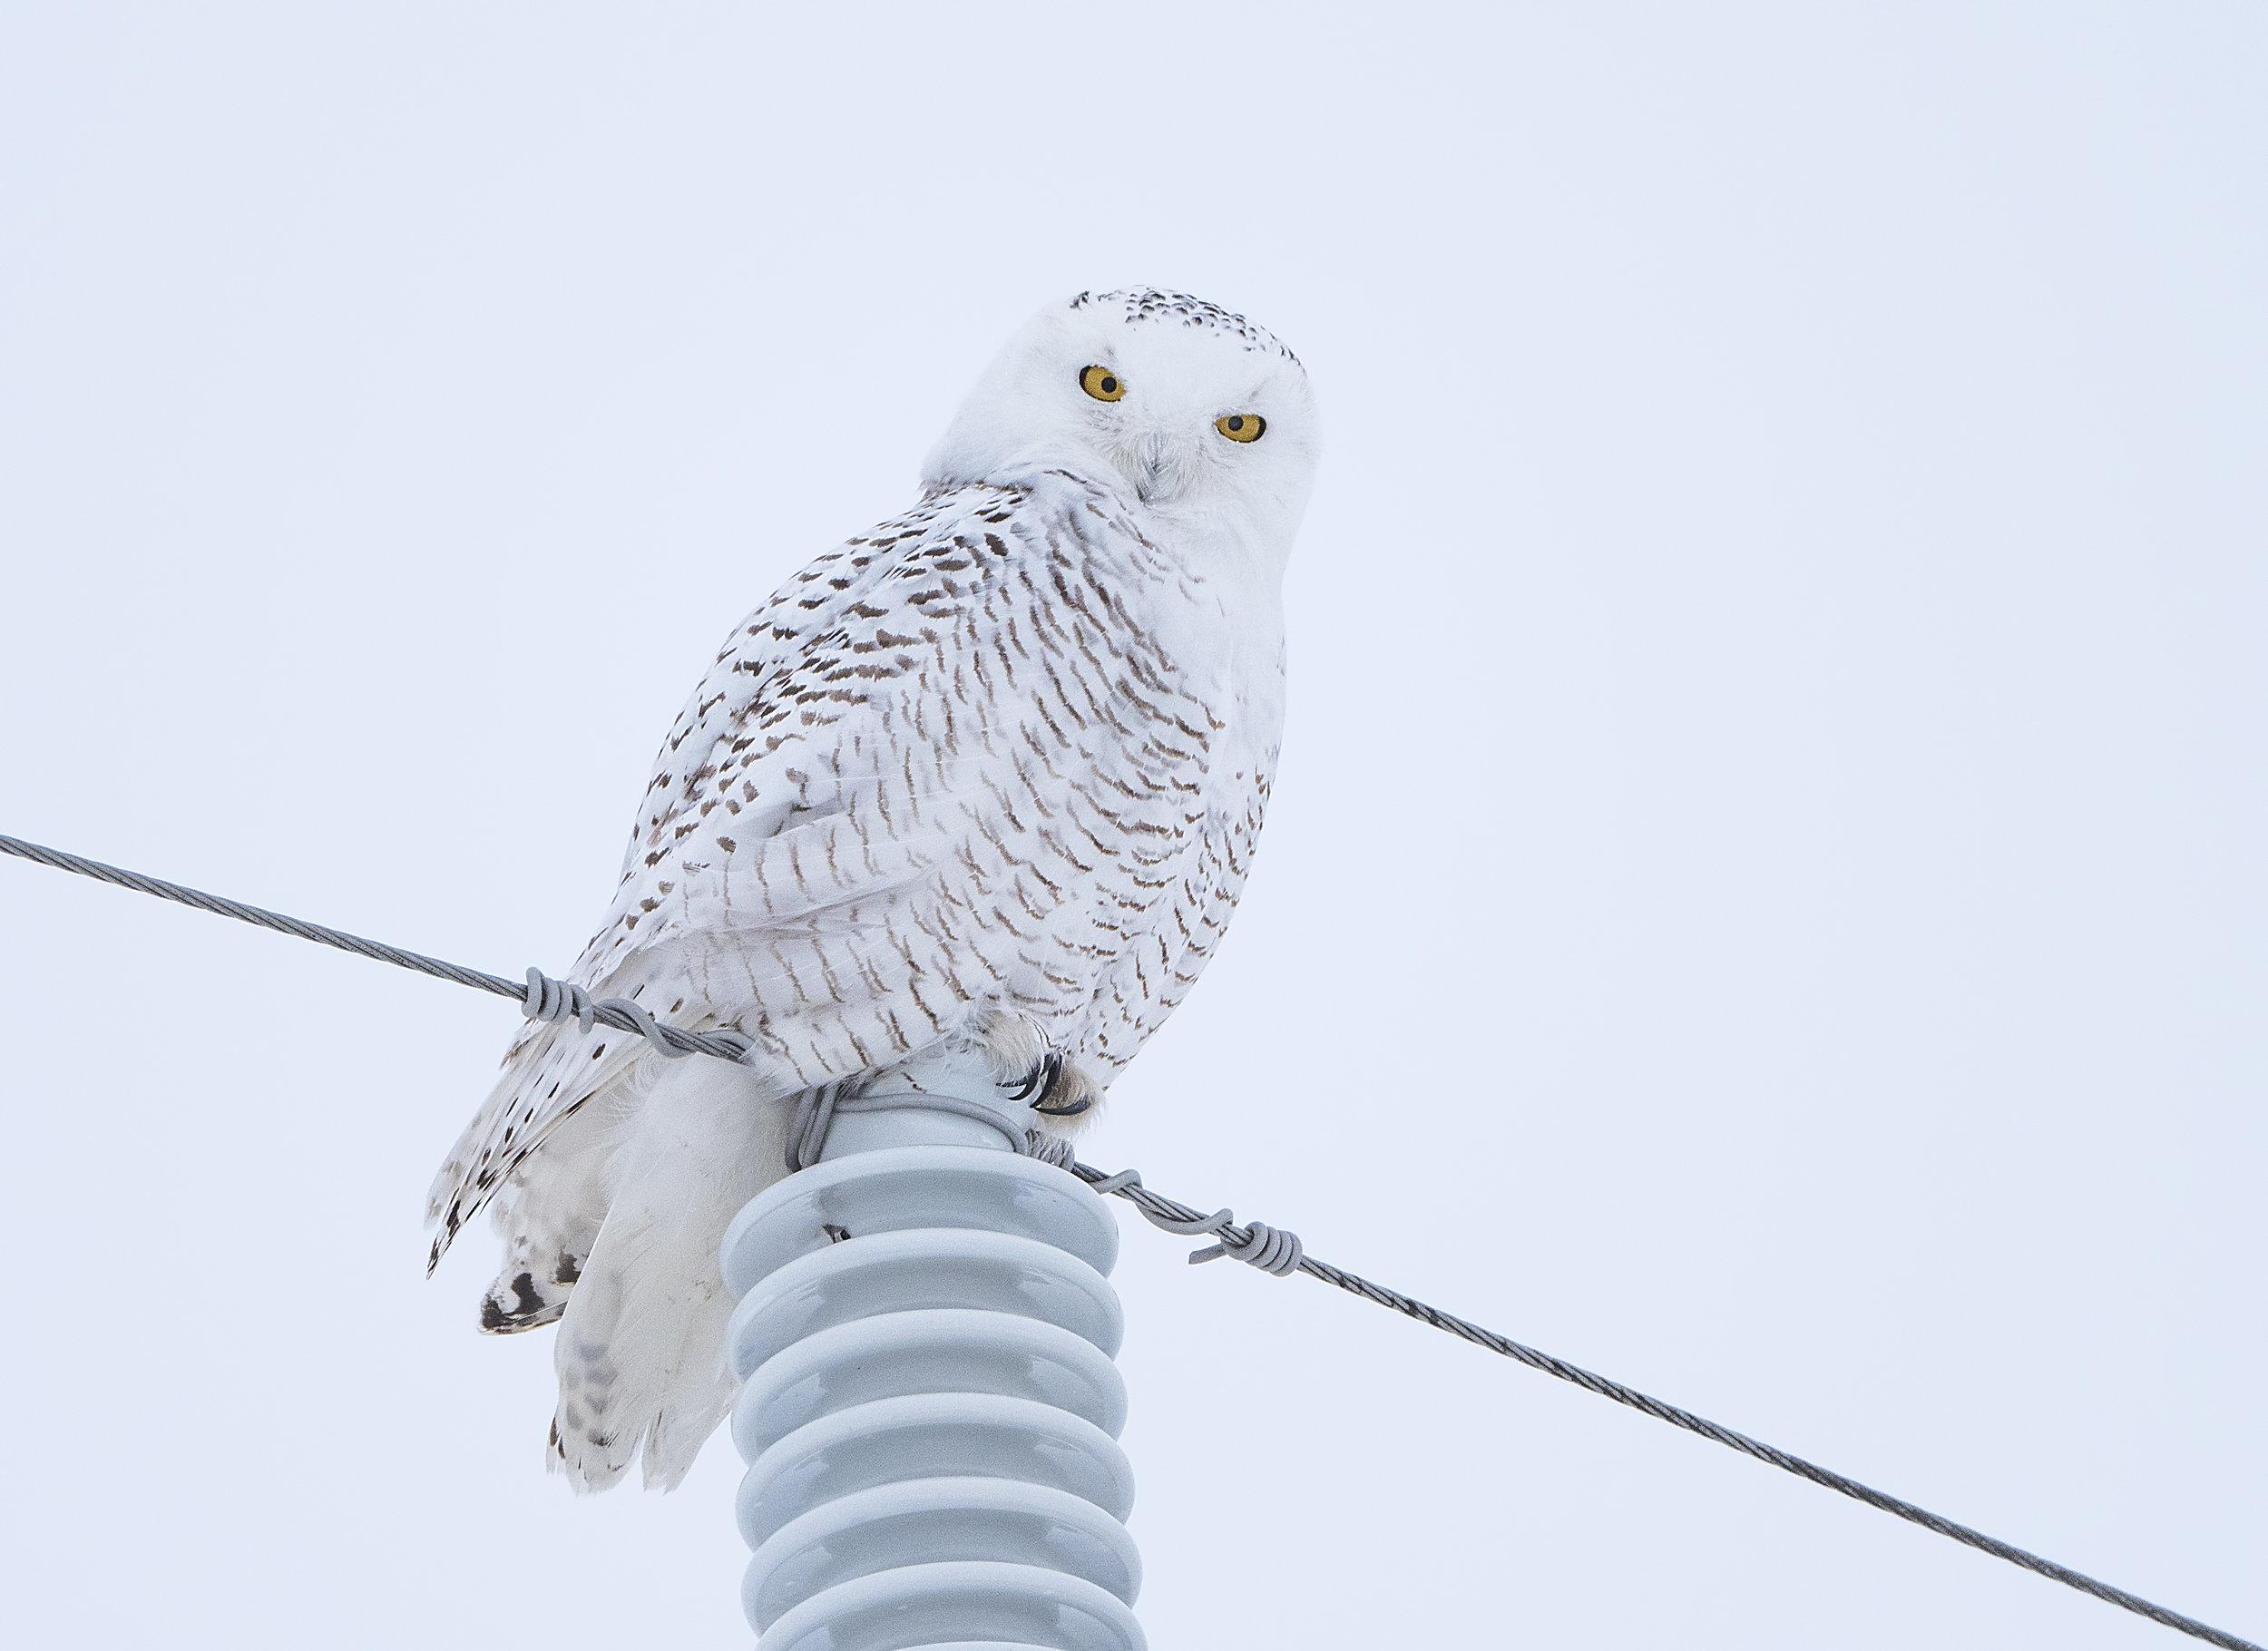 snowy on a pole .jpg